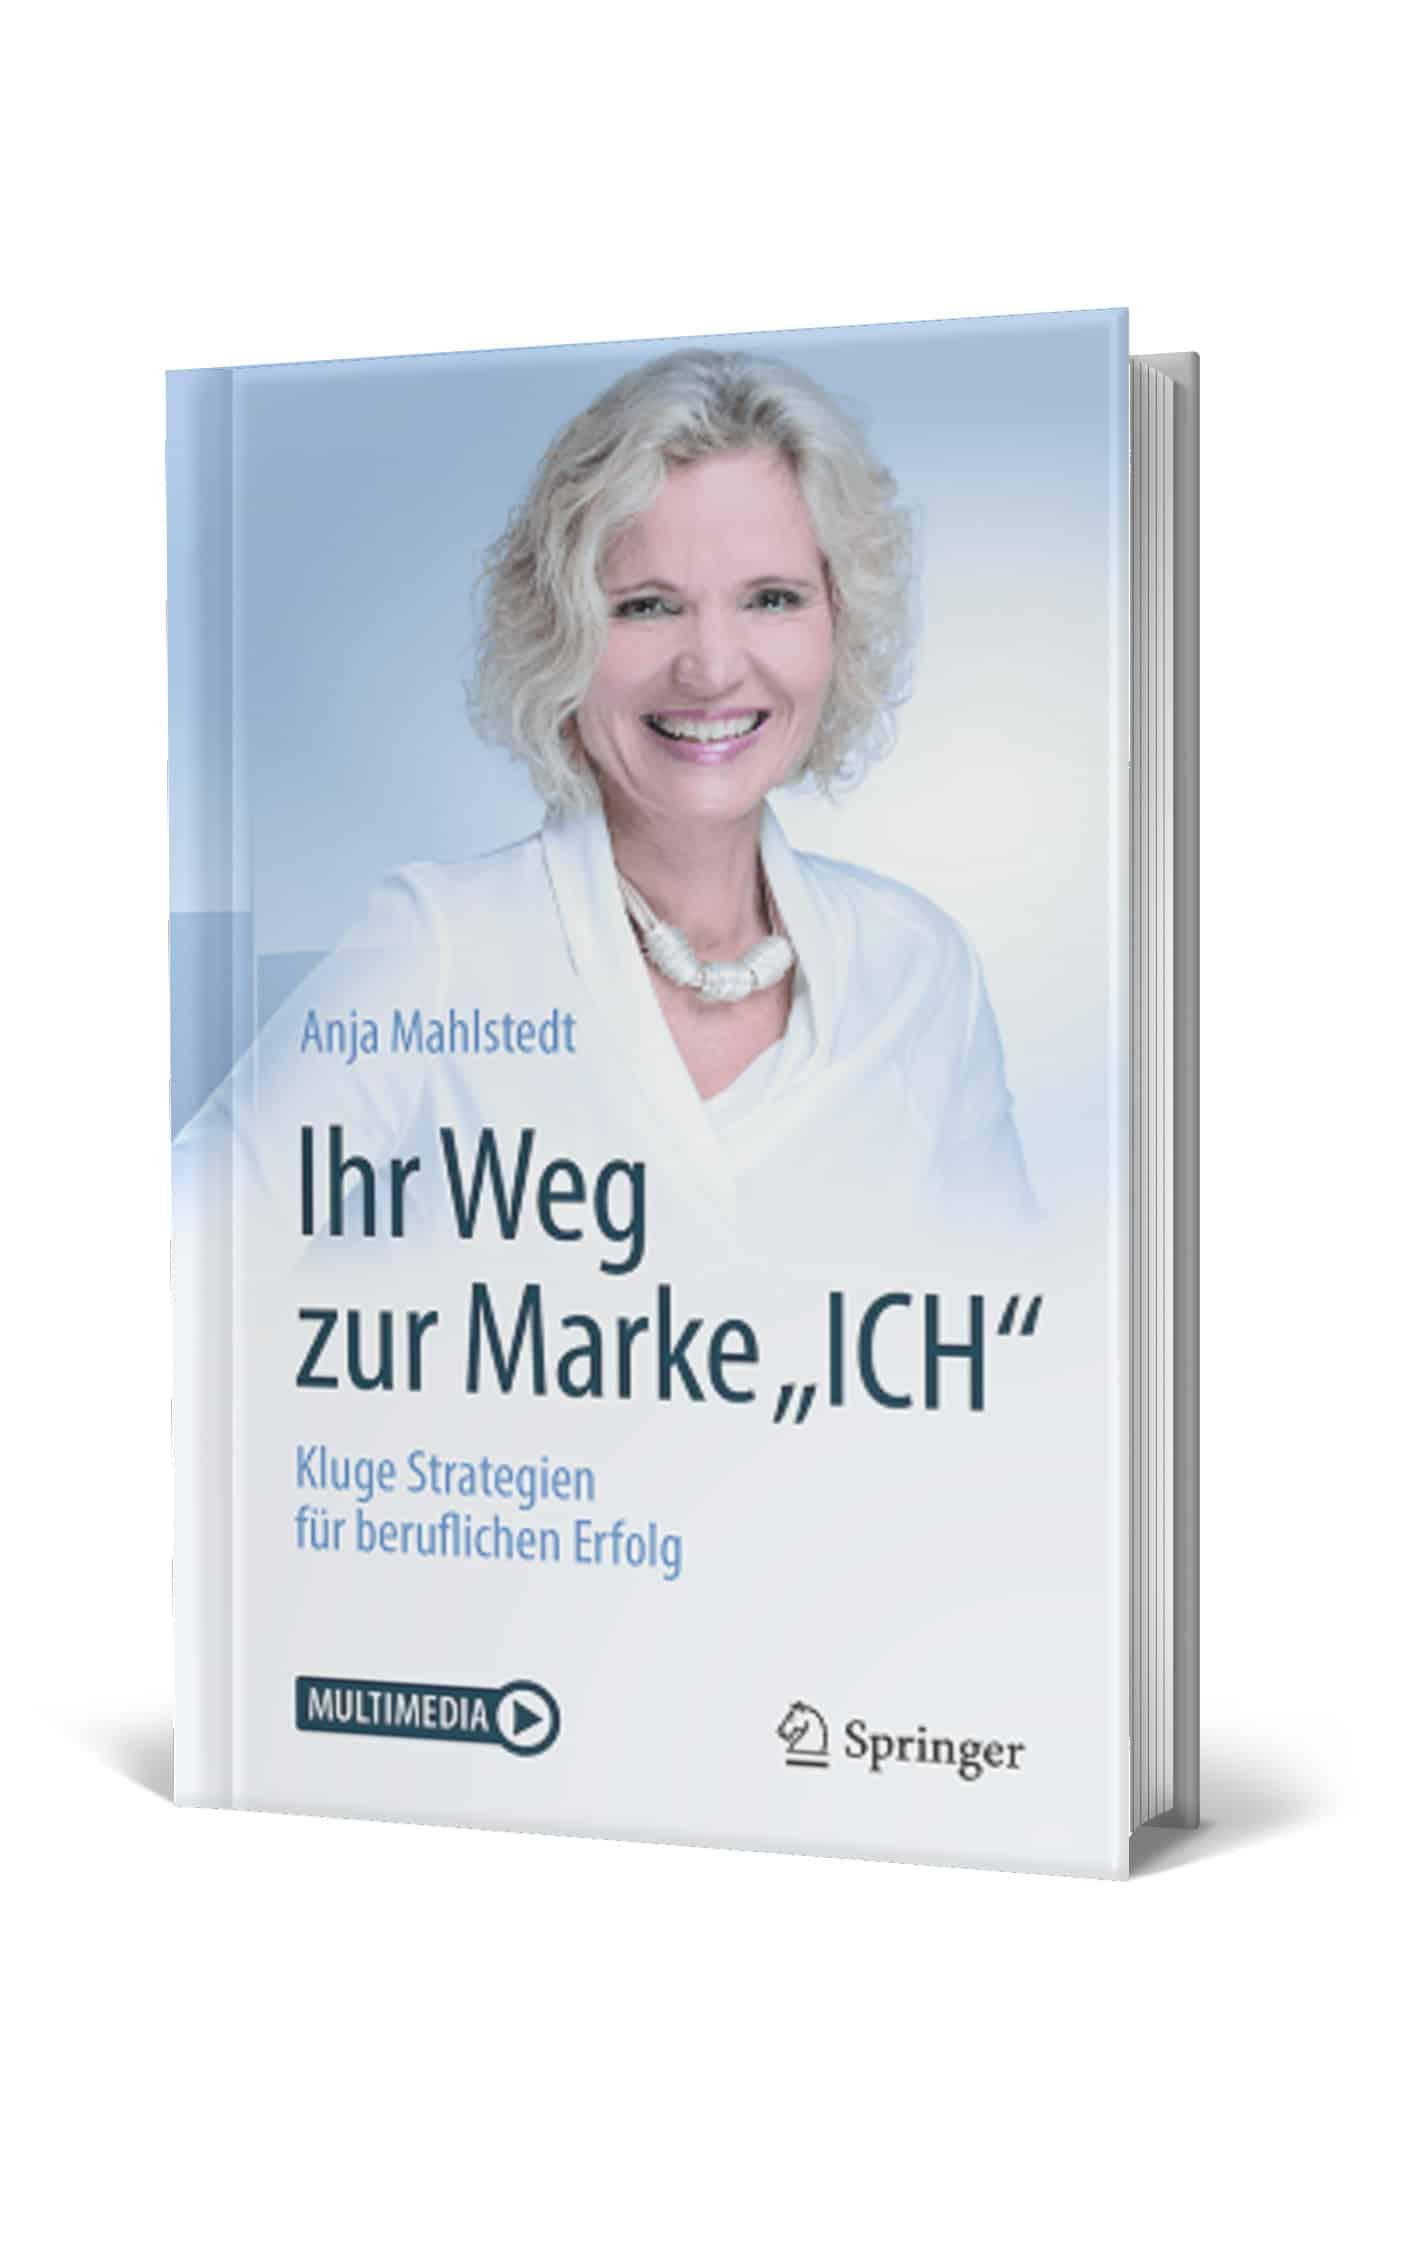 Ihr Weg zur Marke Ich: Kluge Strategien für Ihren beruflichen Erfolg von Anja Mahlstedt